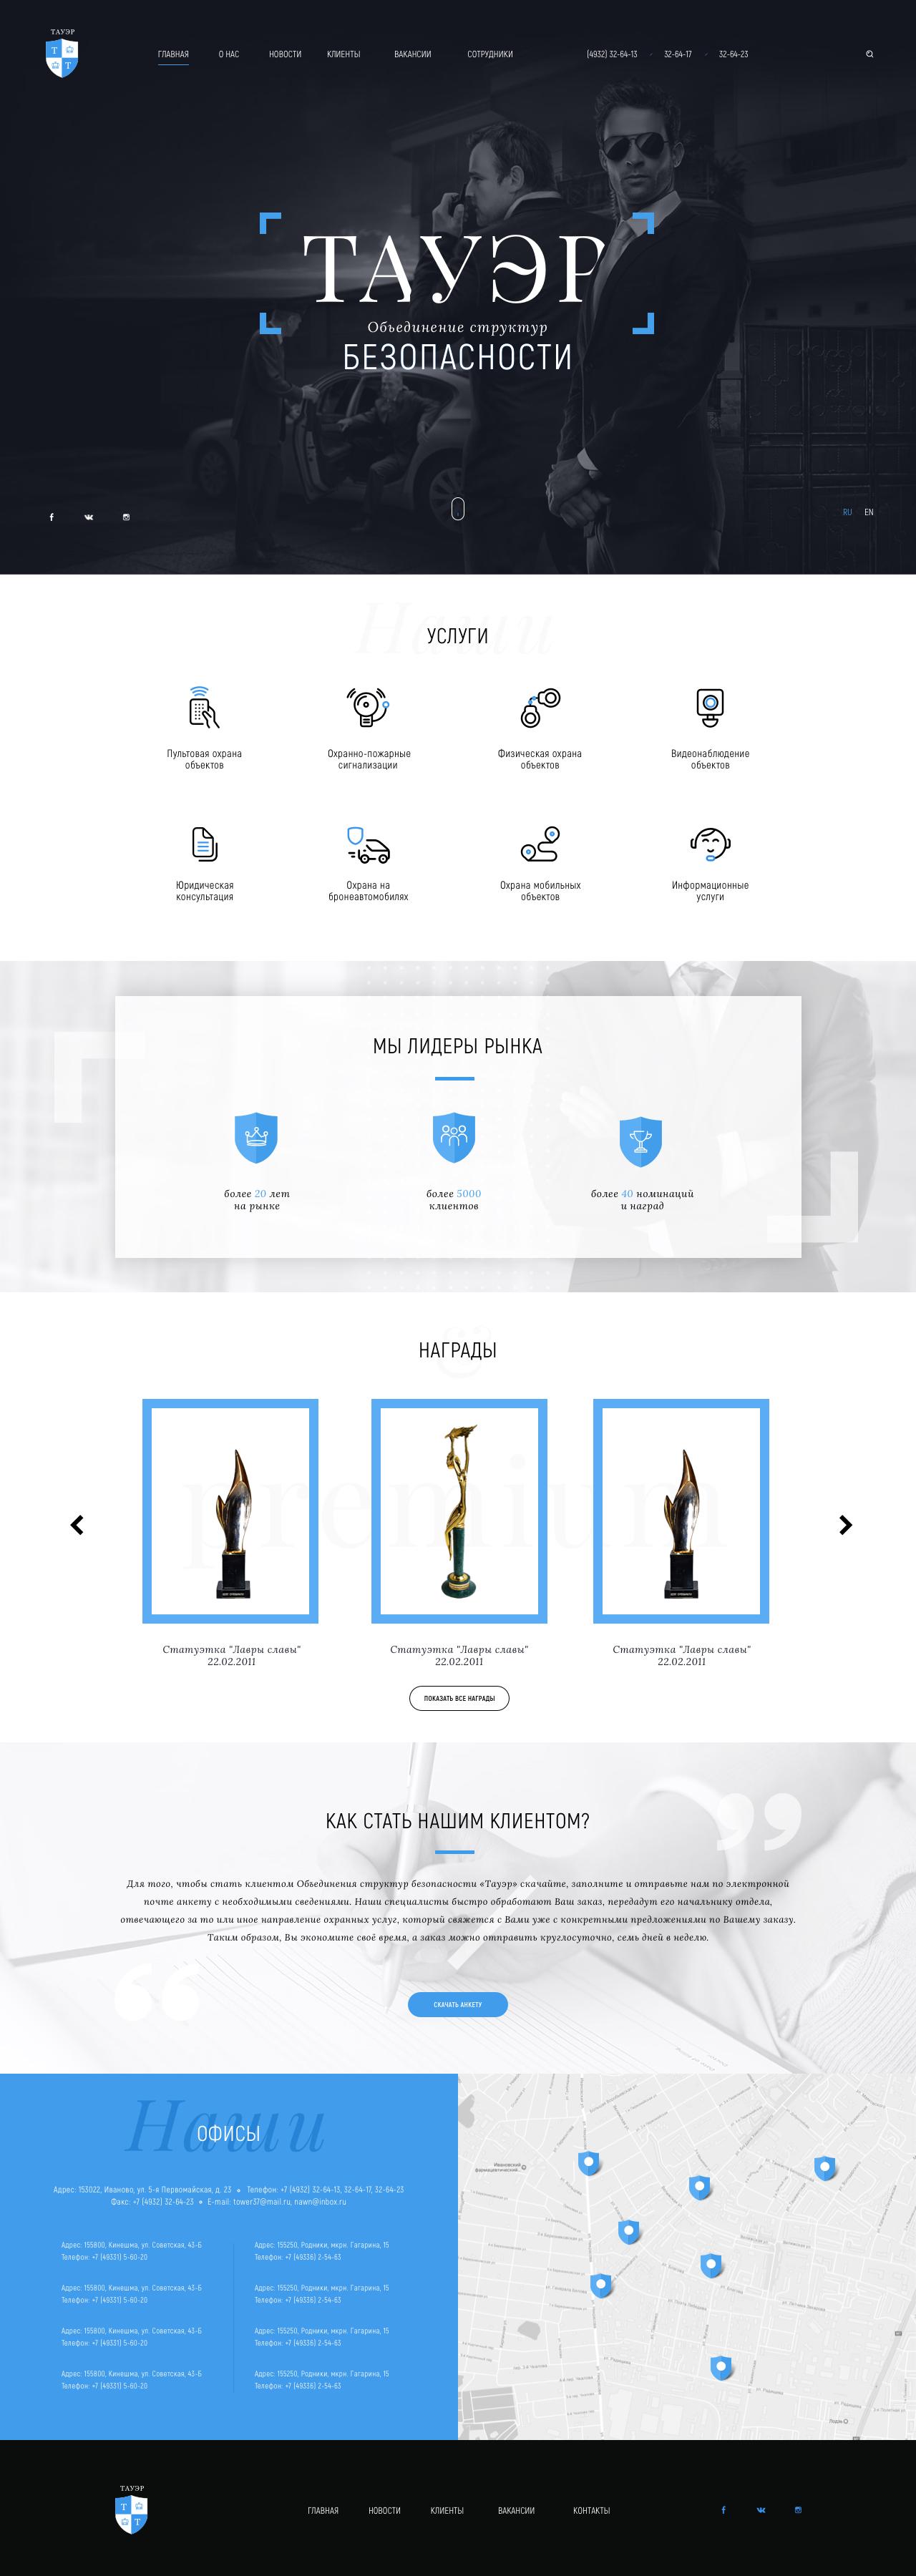 Редизайн существующего сайта компании (ЗАВЕРШЁН) фото f_01358fa5aa4202af.jpg